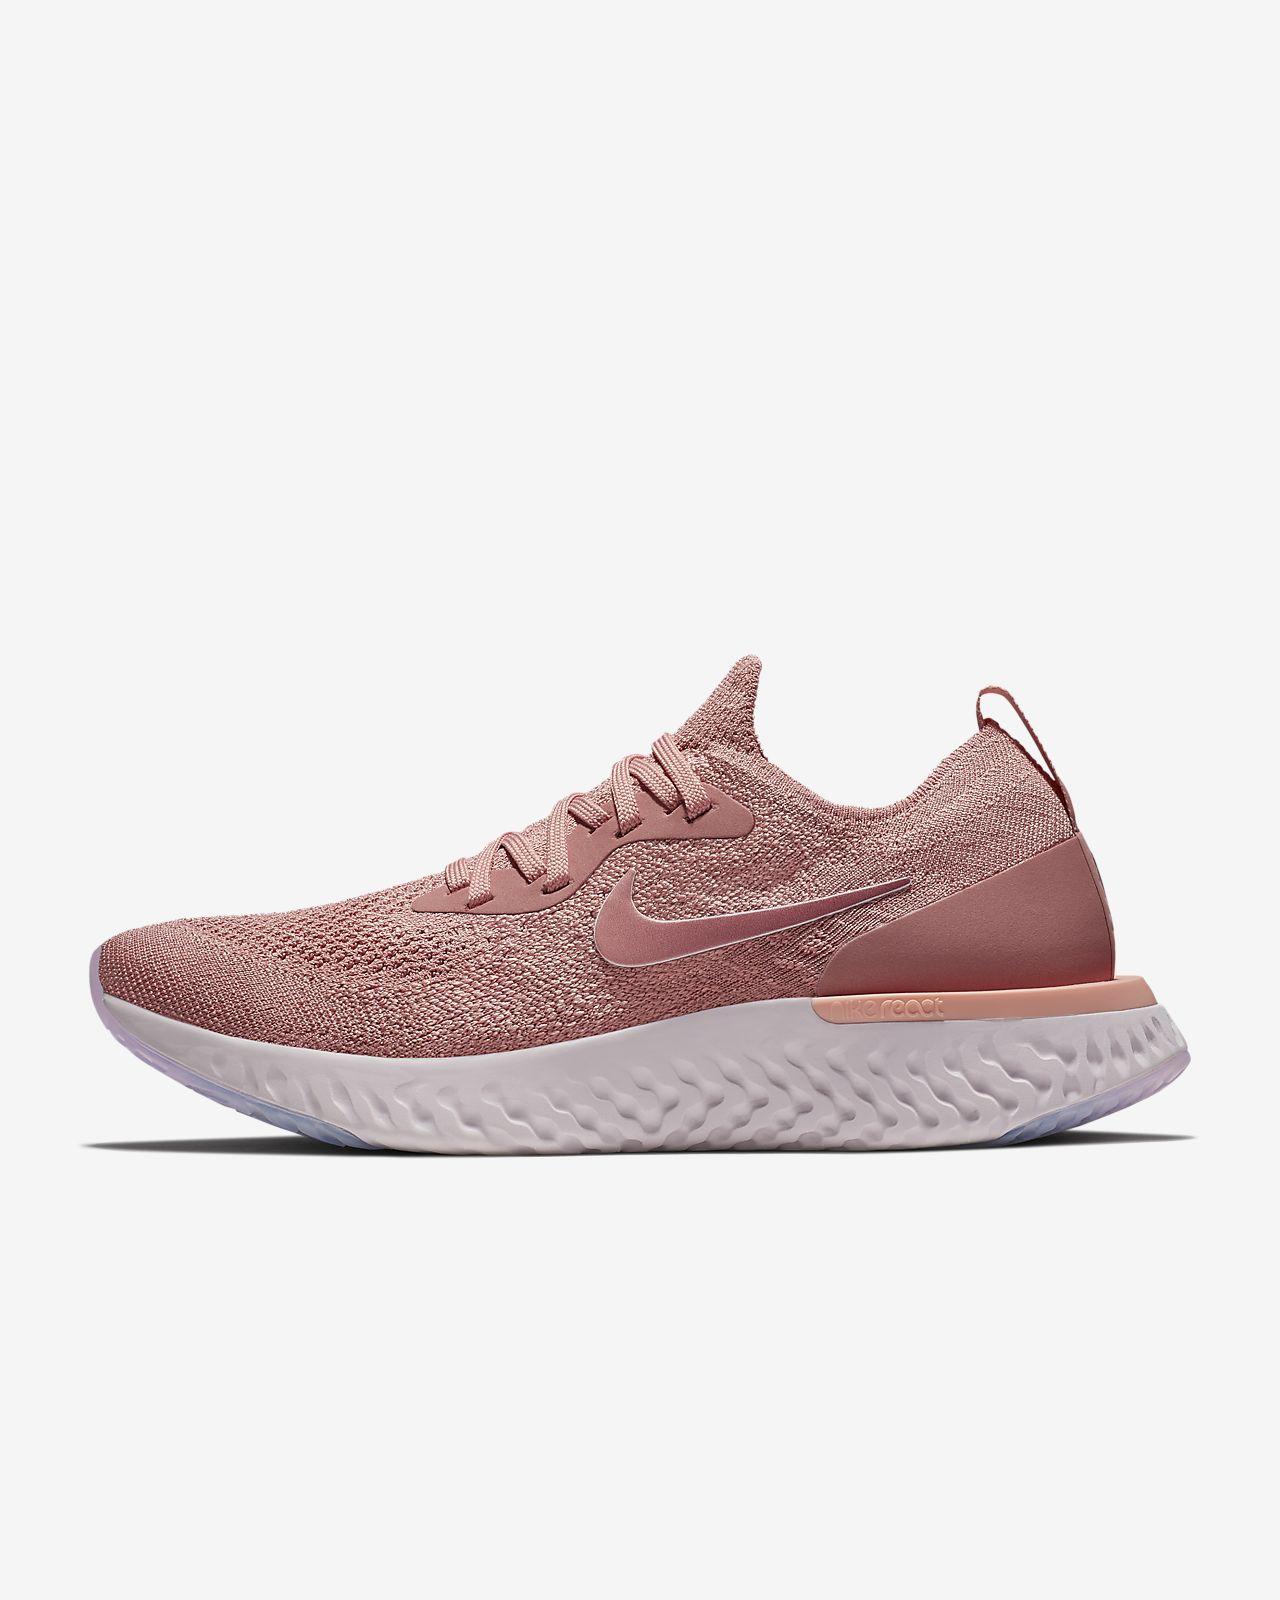 Chaussures Nike Racer grises Casual femme Z1DFX8J